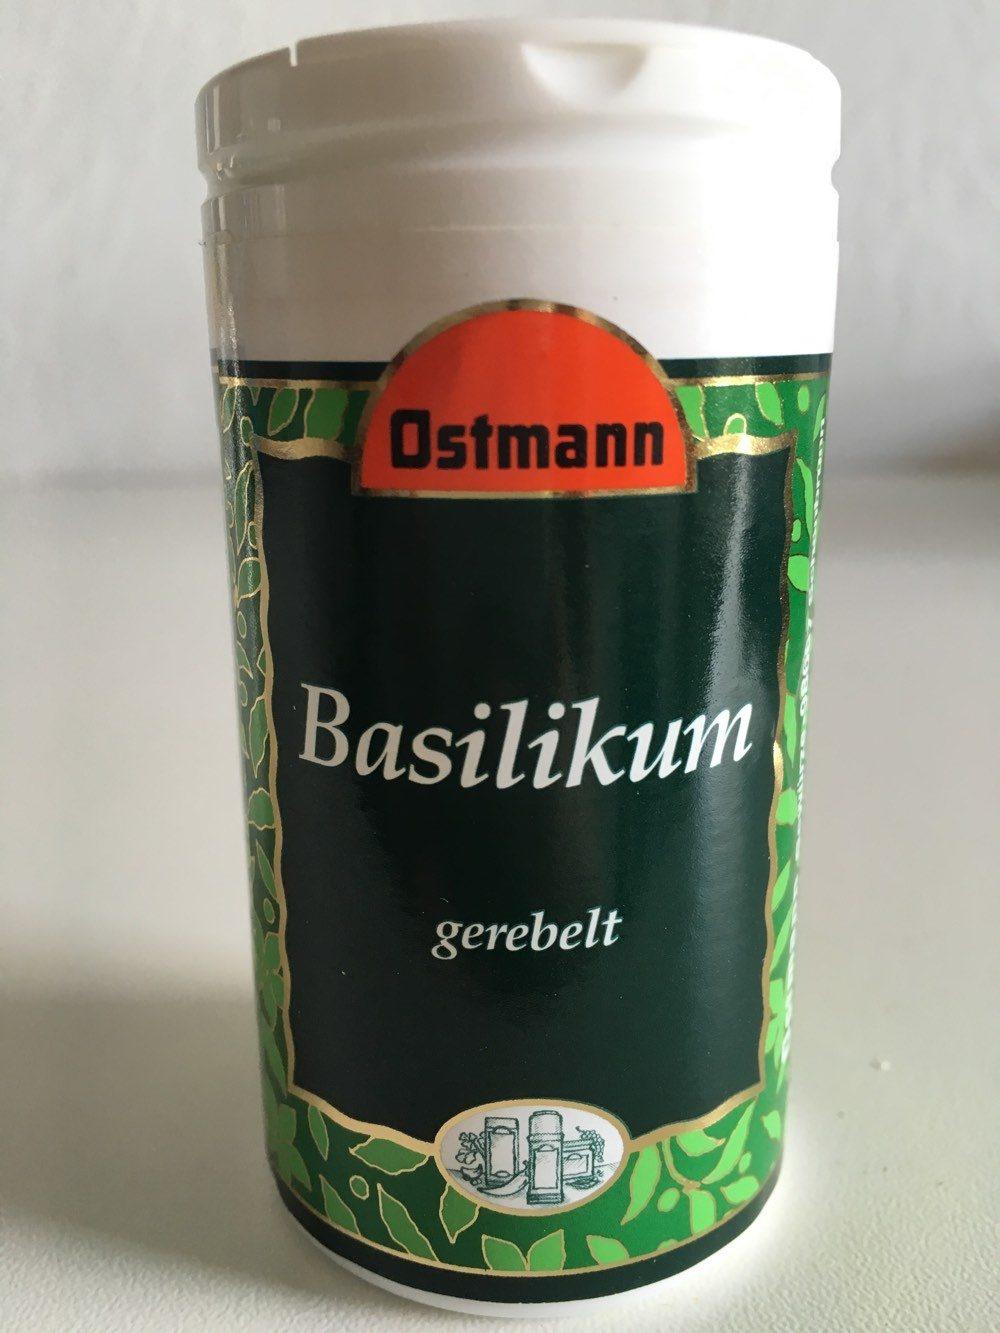 Basilikum gerebelt - Product